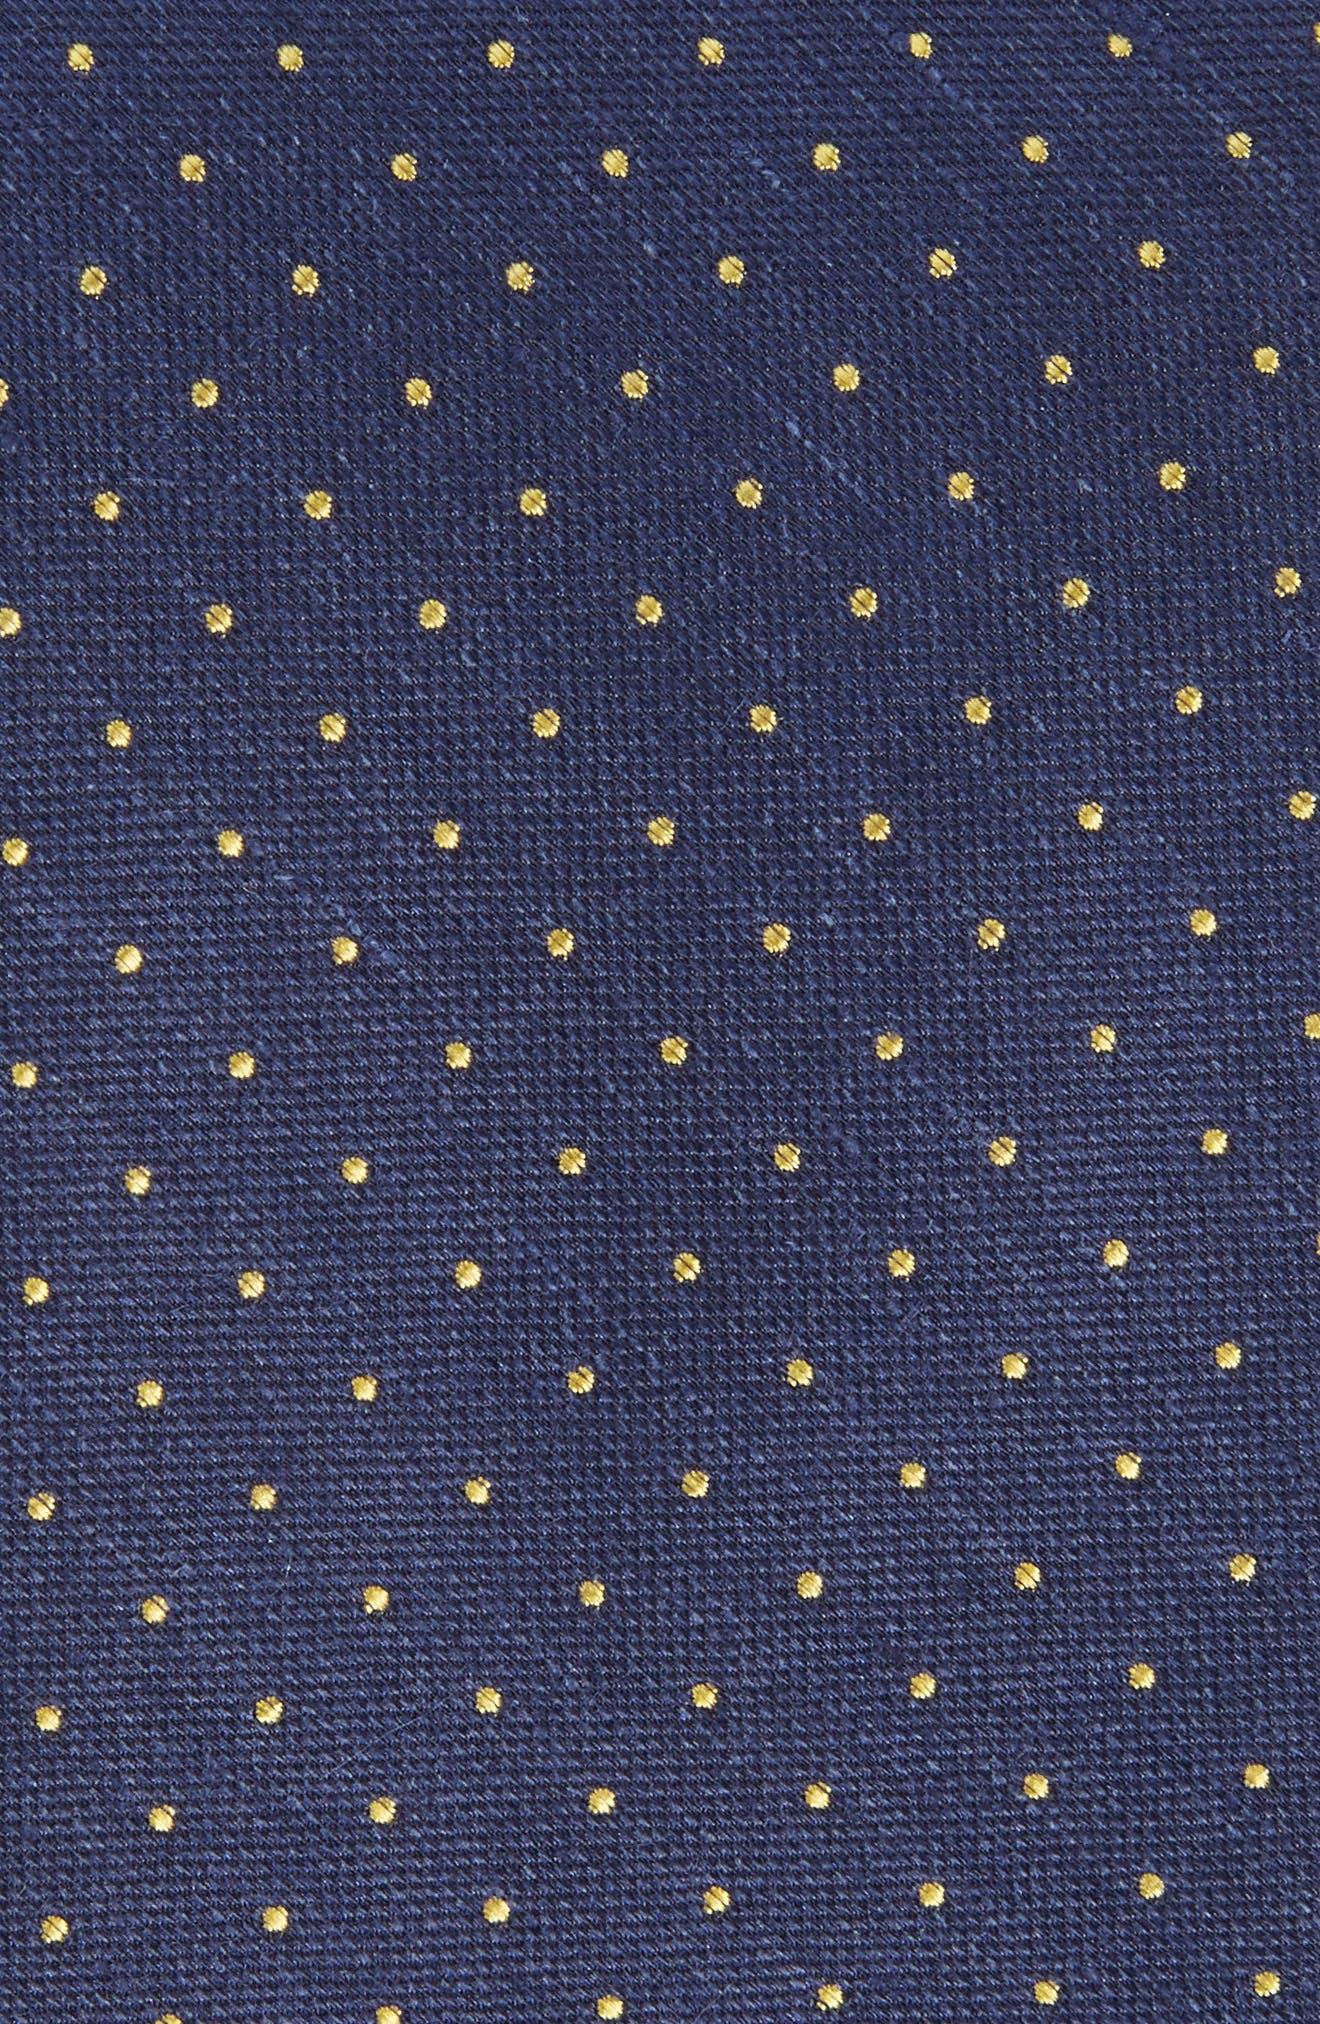 Rivington Dots Silk & Linen Tie,                             Alternate thumbnail 4, color,